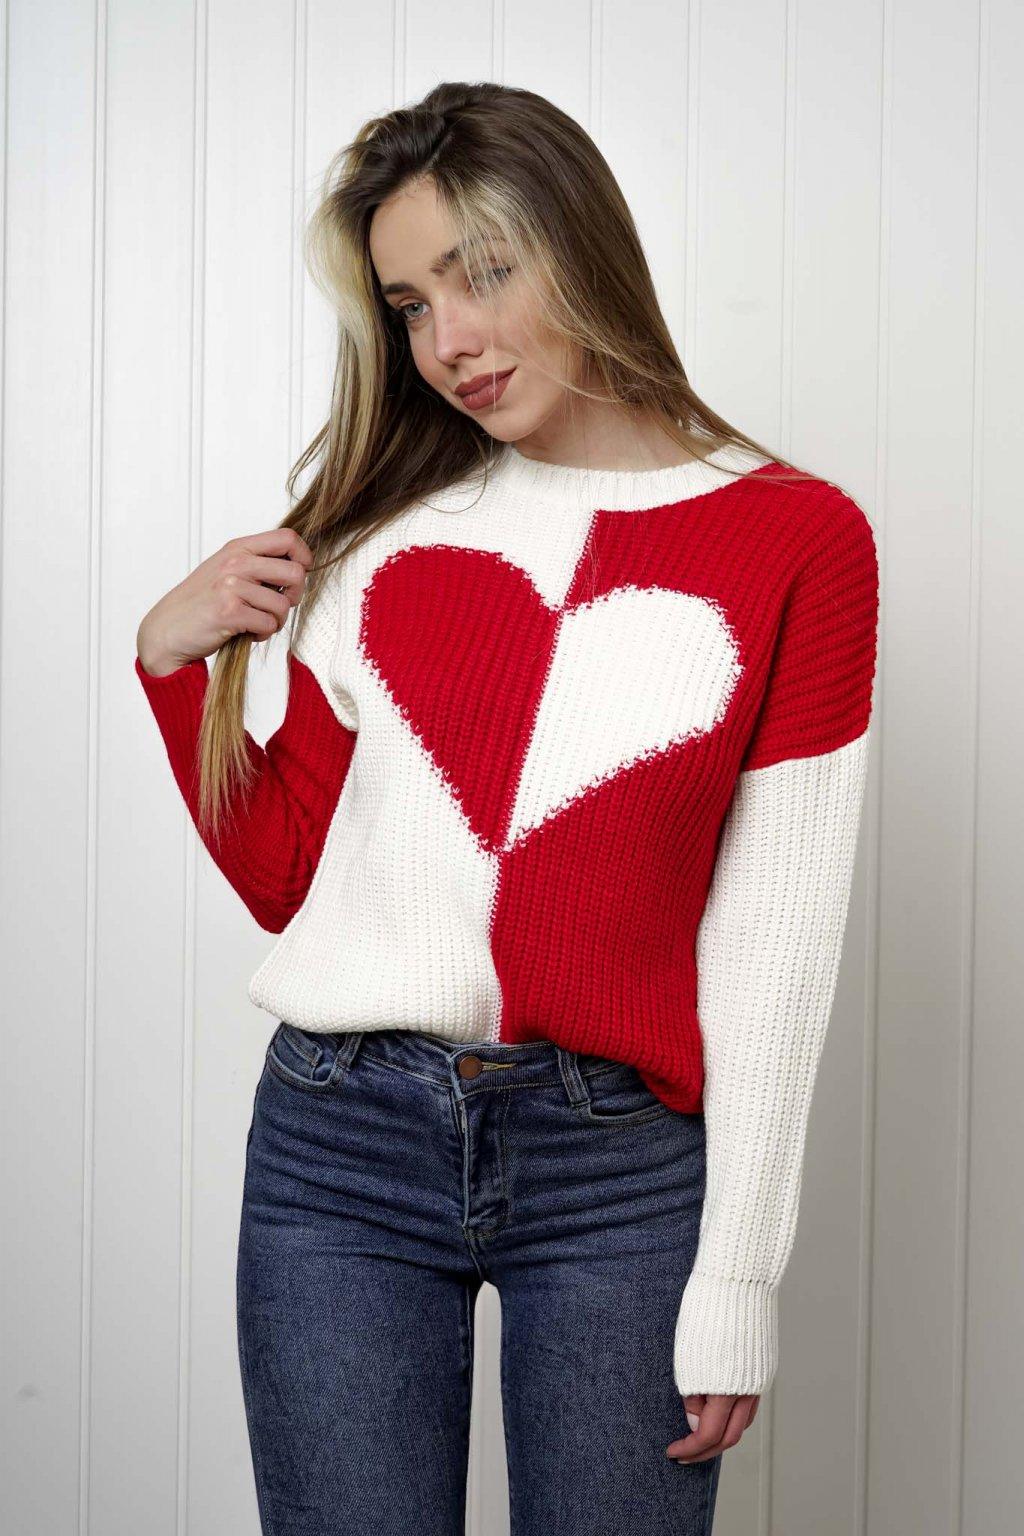 sveter, svetrík, sveter dámsky, úplet, úpletový sveter, jednoduchý sveter, v výstríh, štýlový, chlpatý,vzorovaný, srdiečkový, čierny, biely, farebný, 048